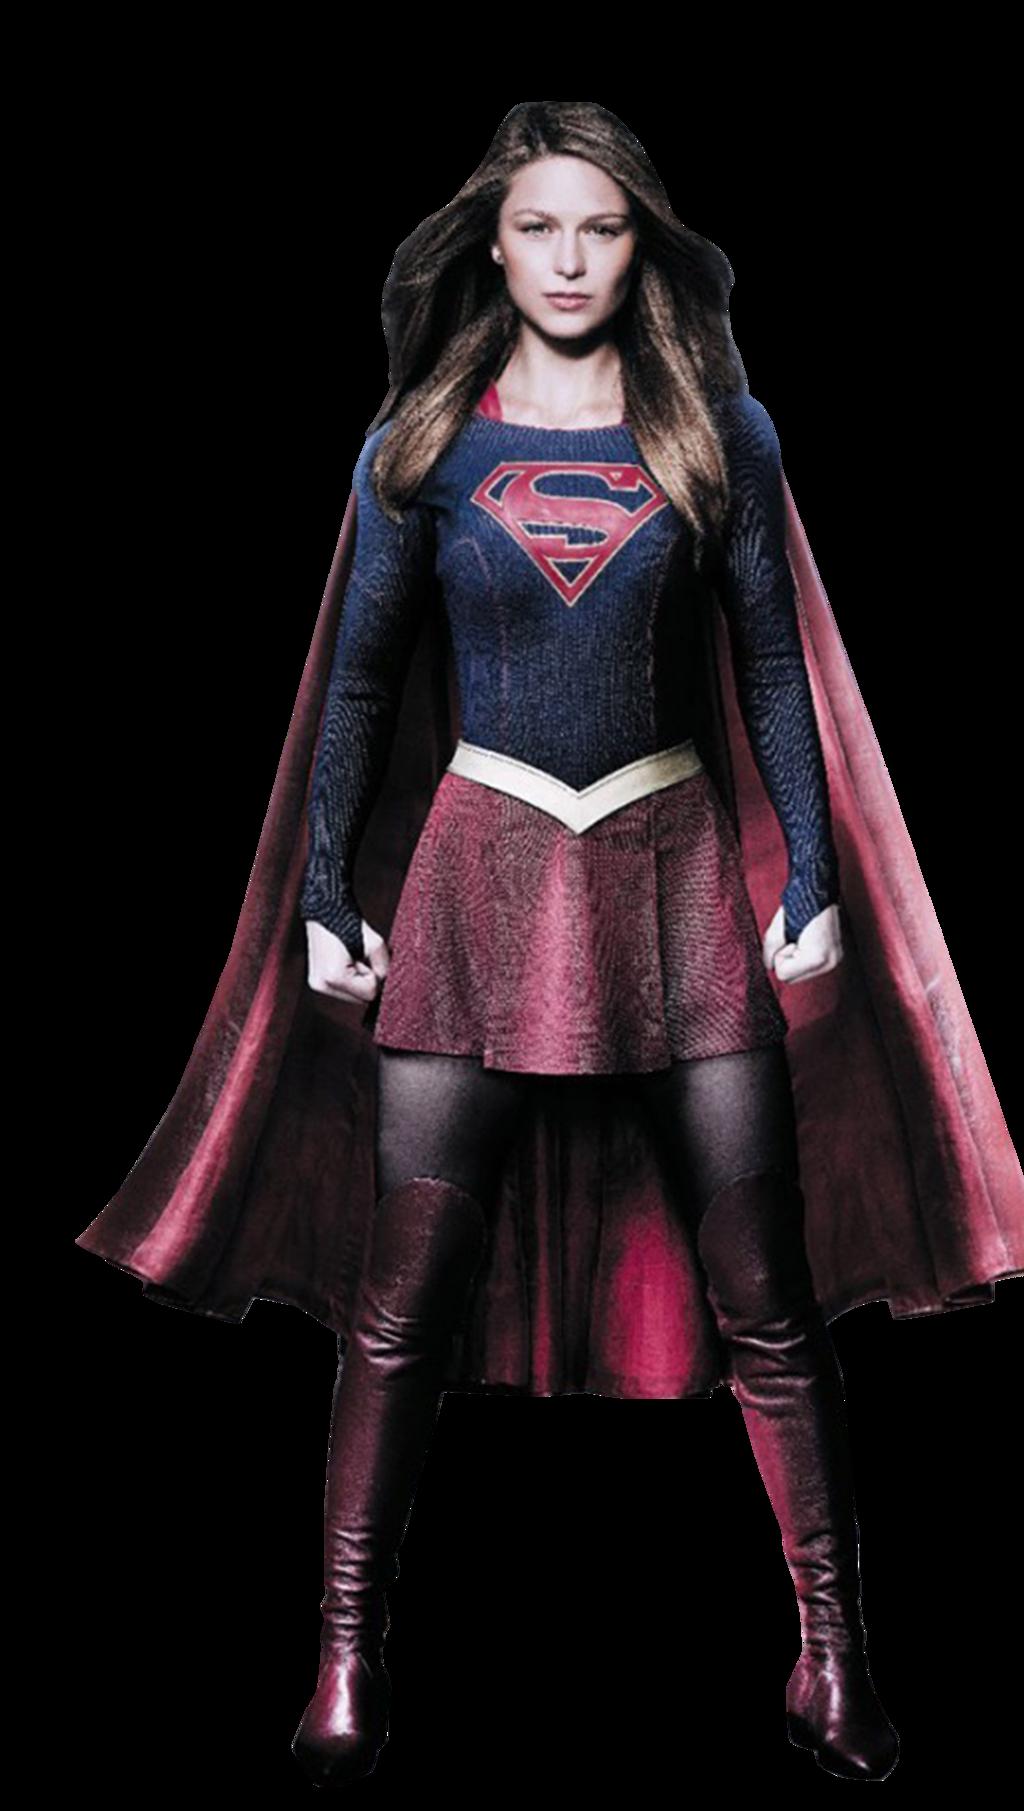 Supergirl PNG Image - Supergirl PNG